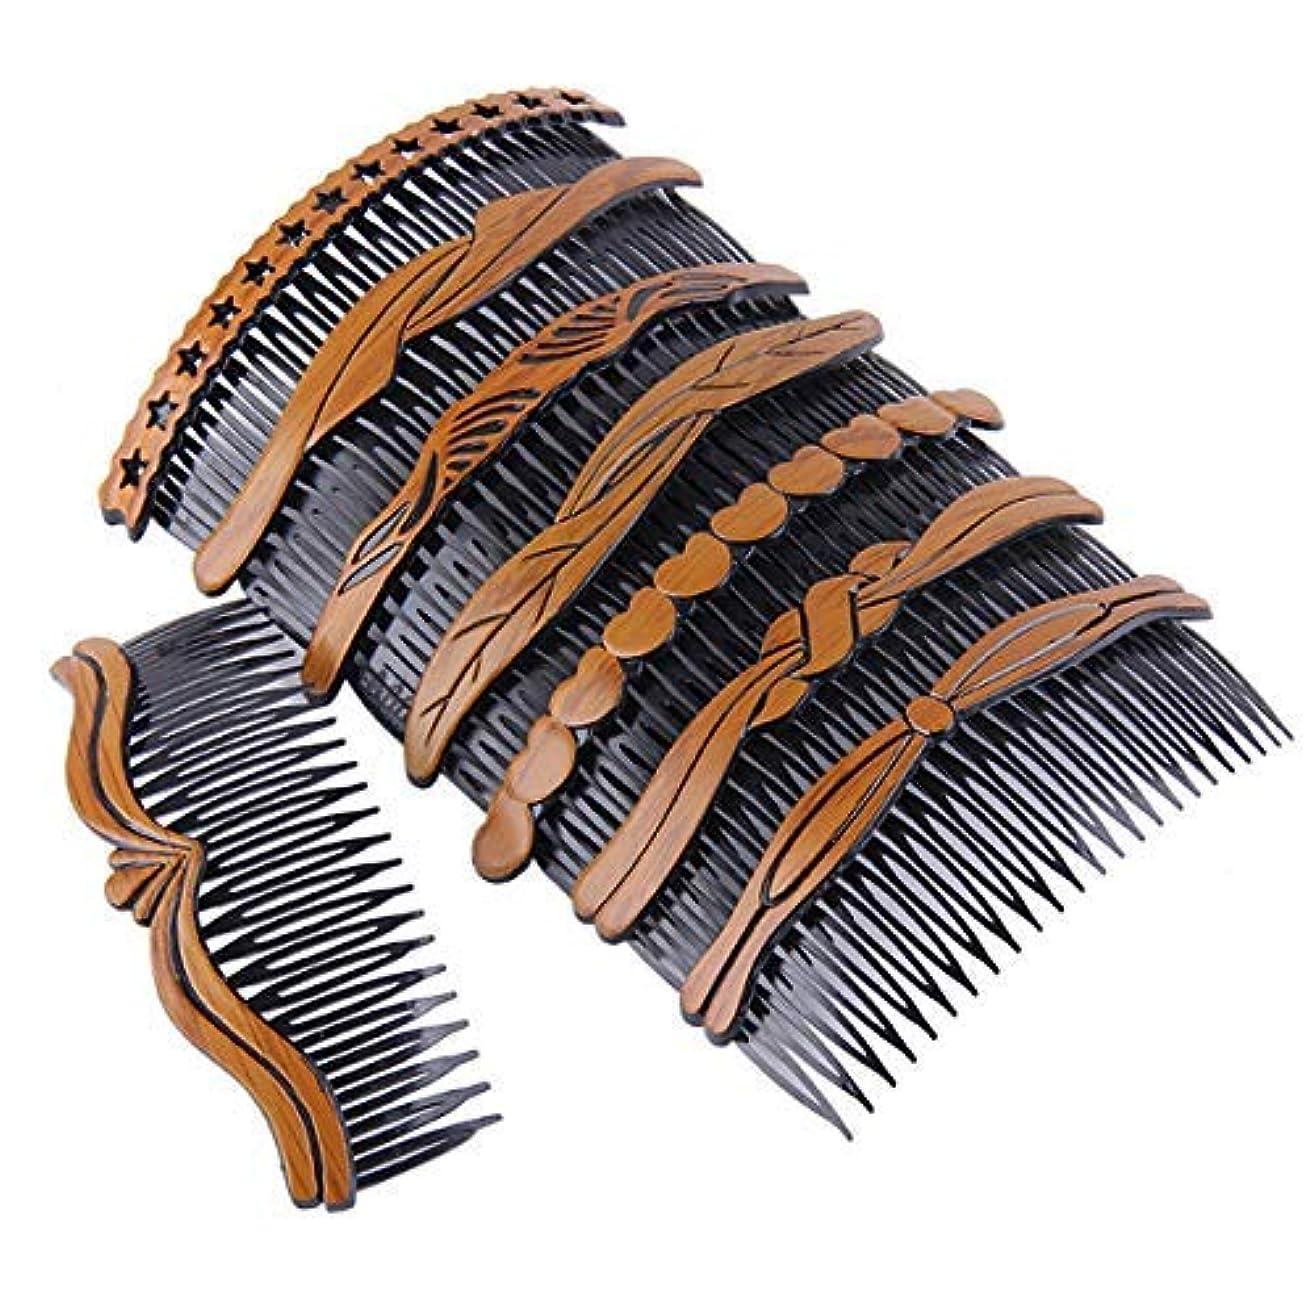 ほぼそれに応じて余暇8Pcs Plastic Wood Grain Hollow Hair Side Combs Retro Hair Comb Pin Clips Headdress with Teeth for Lady Women Girls...